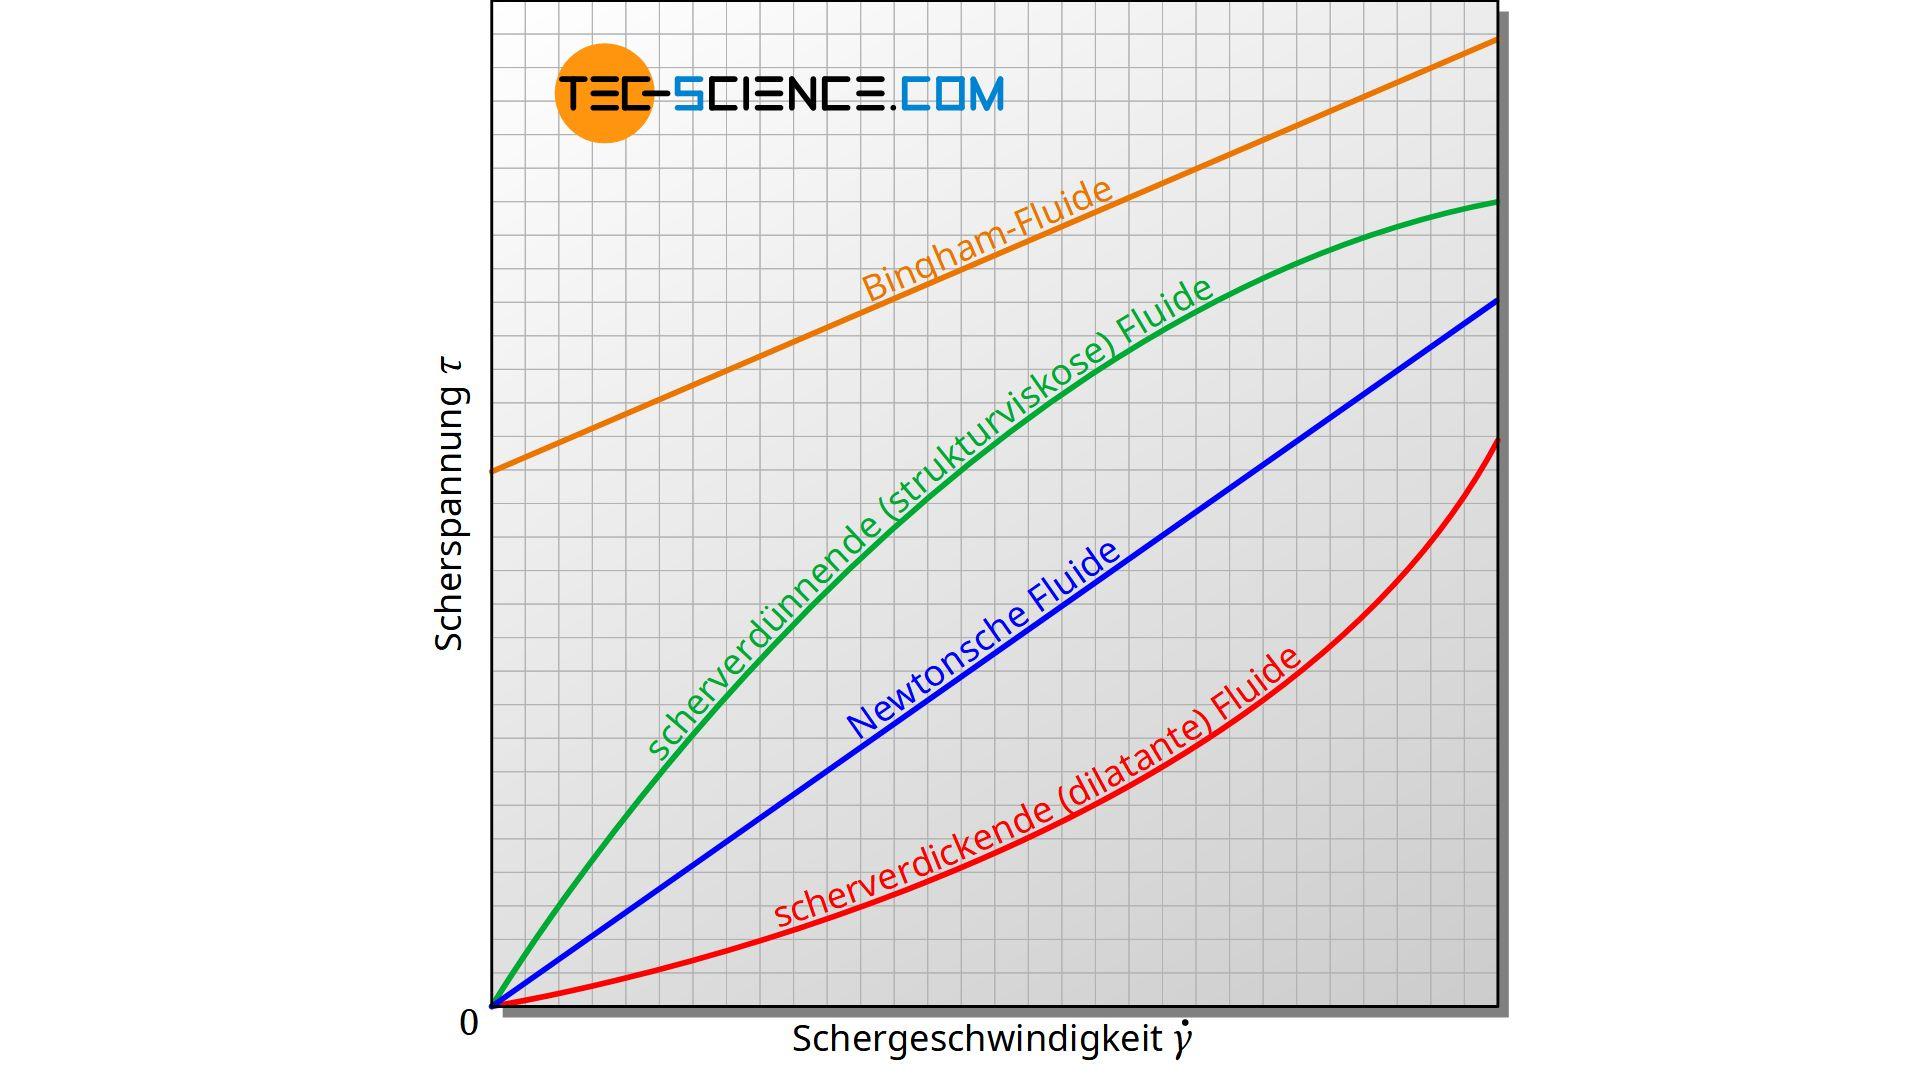 Scherspannung in Abhängigkeit der Schergeschwindigkeit für unterschiedliche Arten von Fluiden